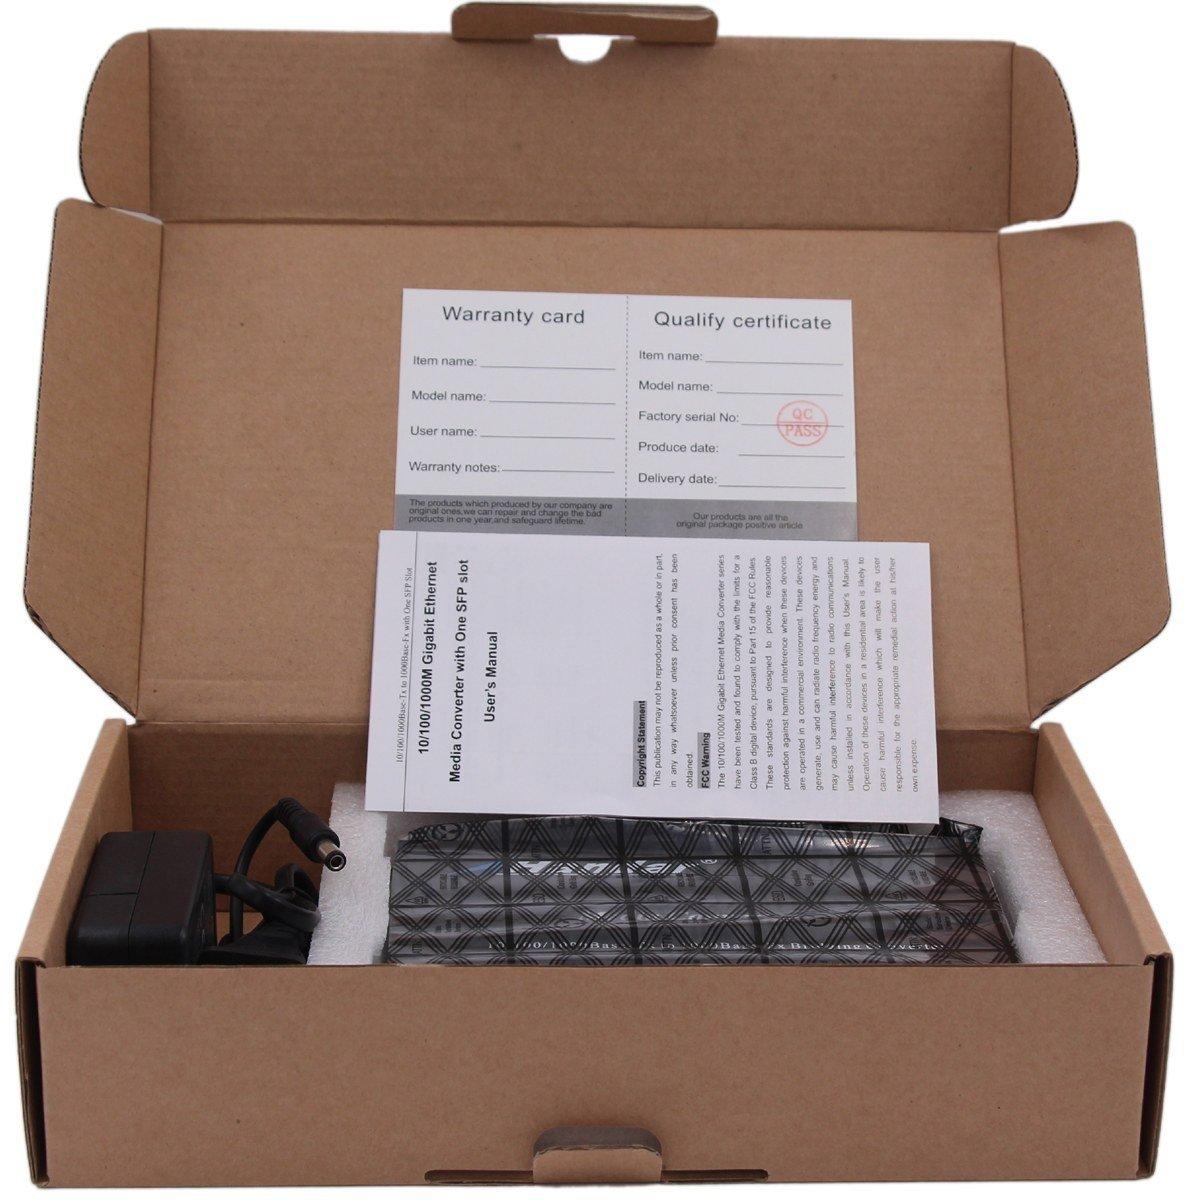 Handar Gigabit Ethernet Media Converter Open SFP Slot, Unmanaged Gigabit Ethernet Switch 4 Ports 10/100/1000 UTP 2 SFP Open Slot, Without Transceiver by Handar (Image #5)